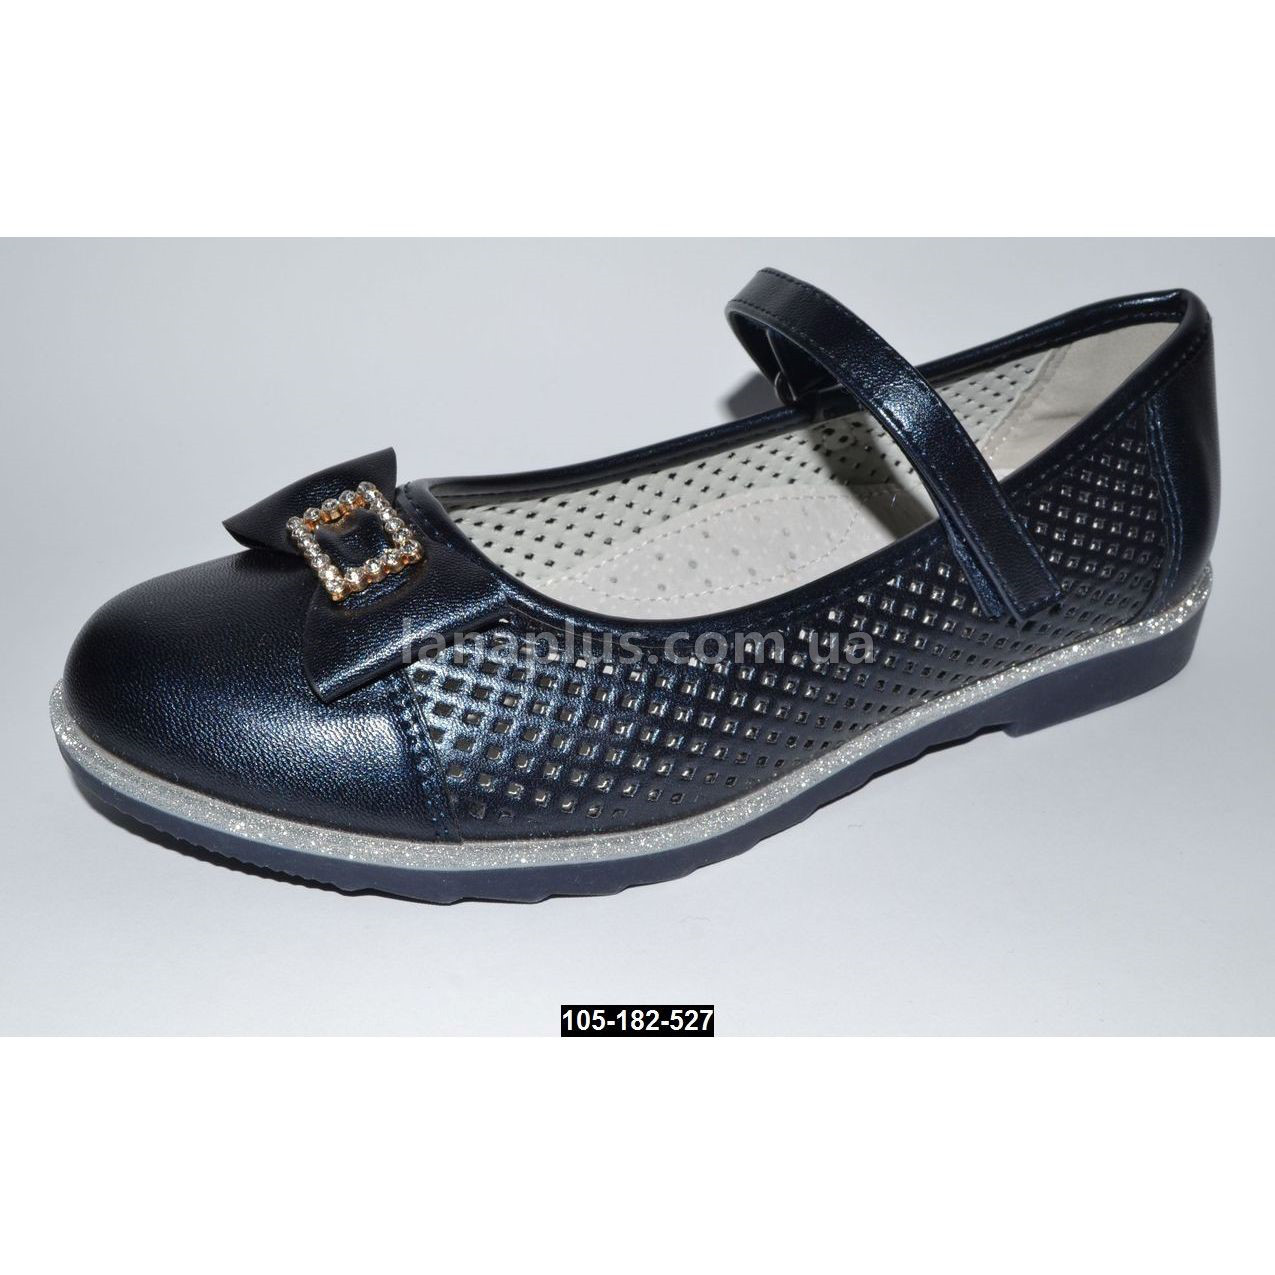 Нарядные облегченные туфли для девочки, 34-35 размер, кожаная стелька, супинатор